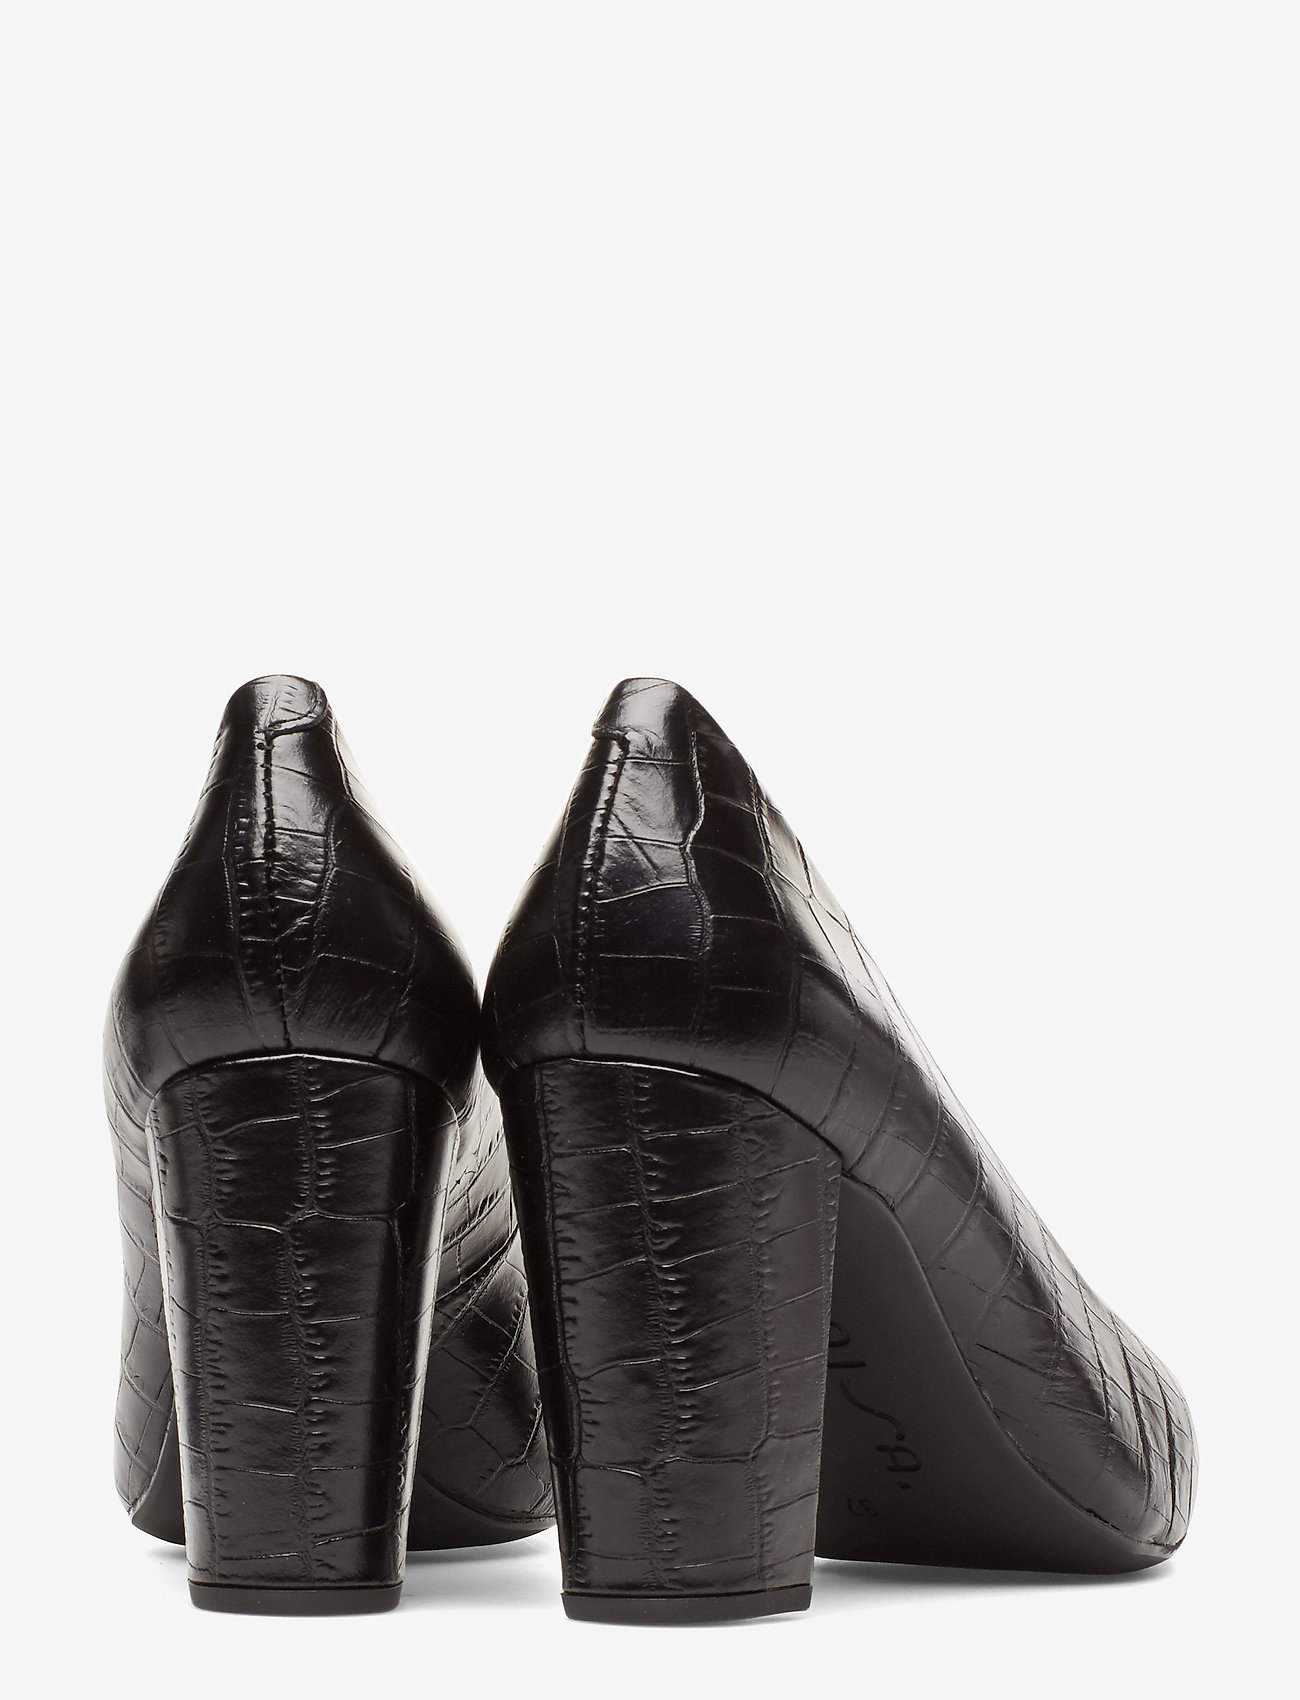 Tanaka_cro (Black) (599.40 kr) - UNISA